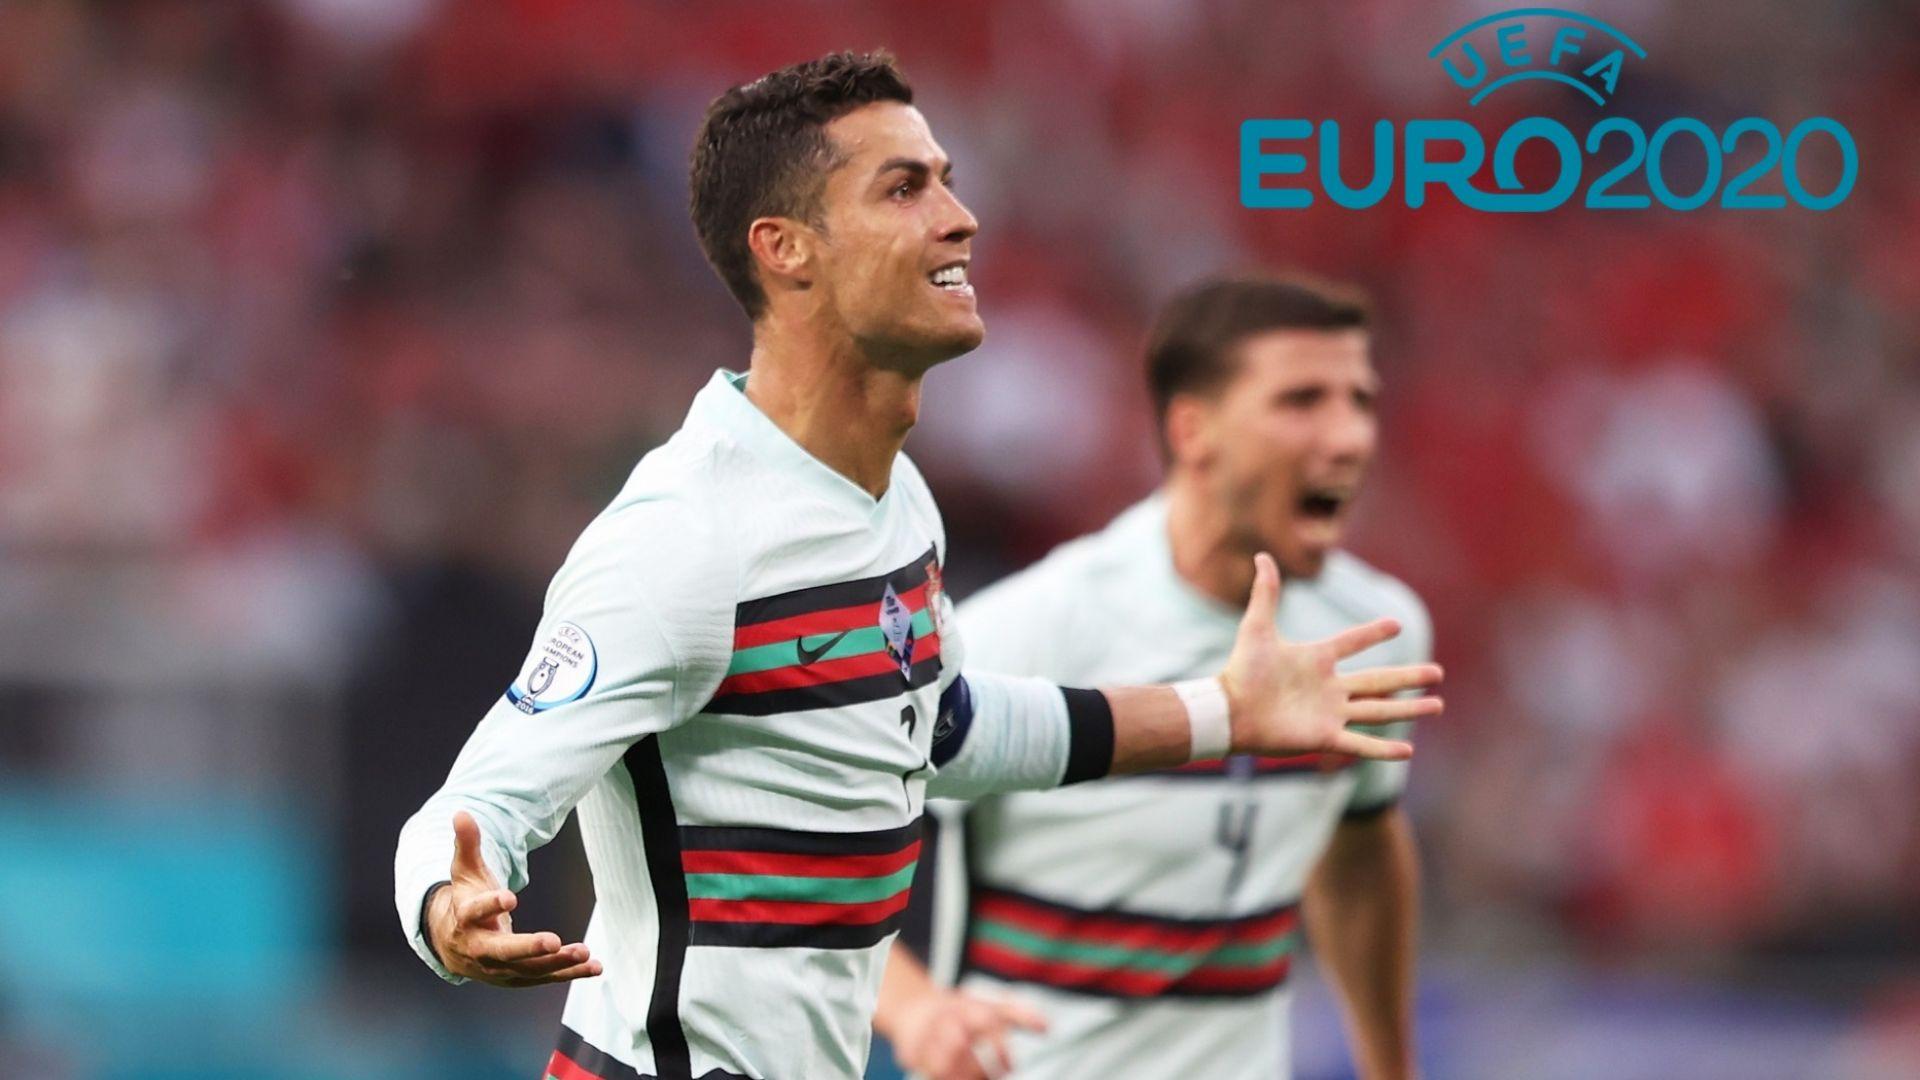 Евро 2020: Големите отново излизат на сцената